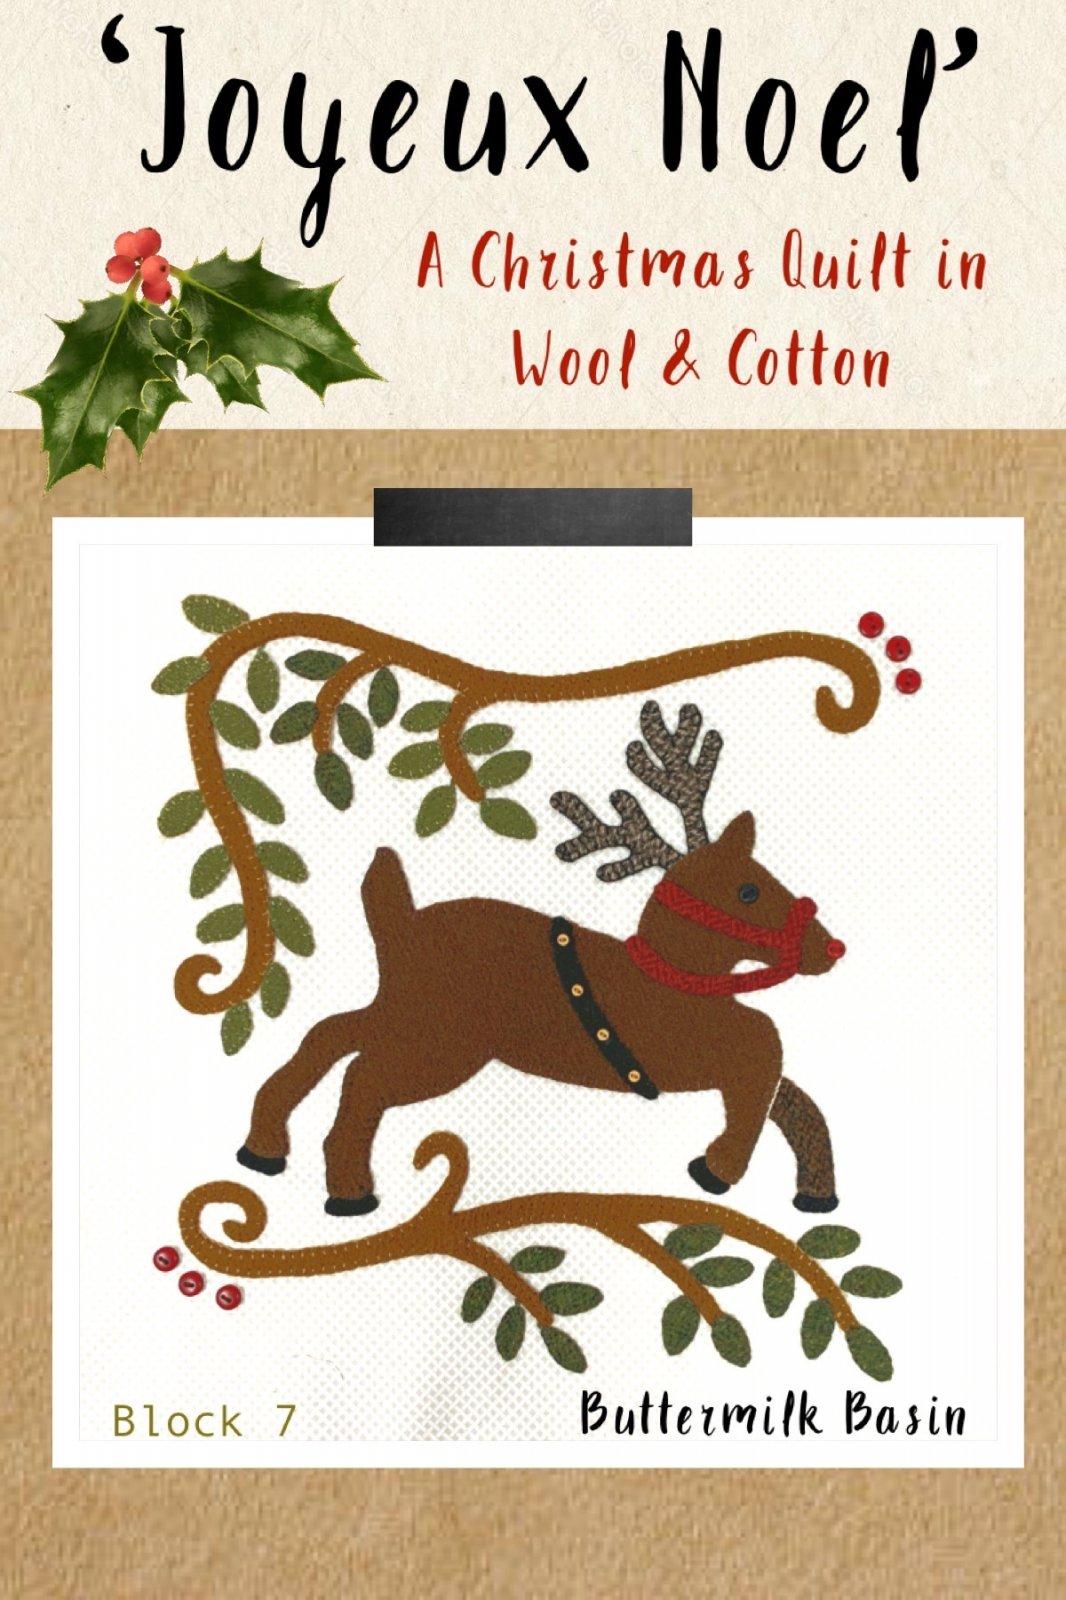 Joyeux Noel Block 7 * Kit & Pattern